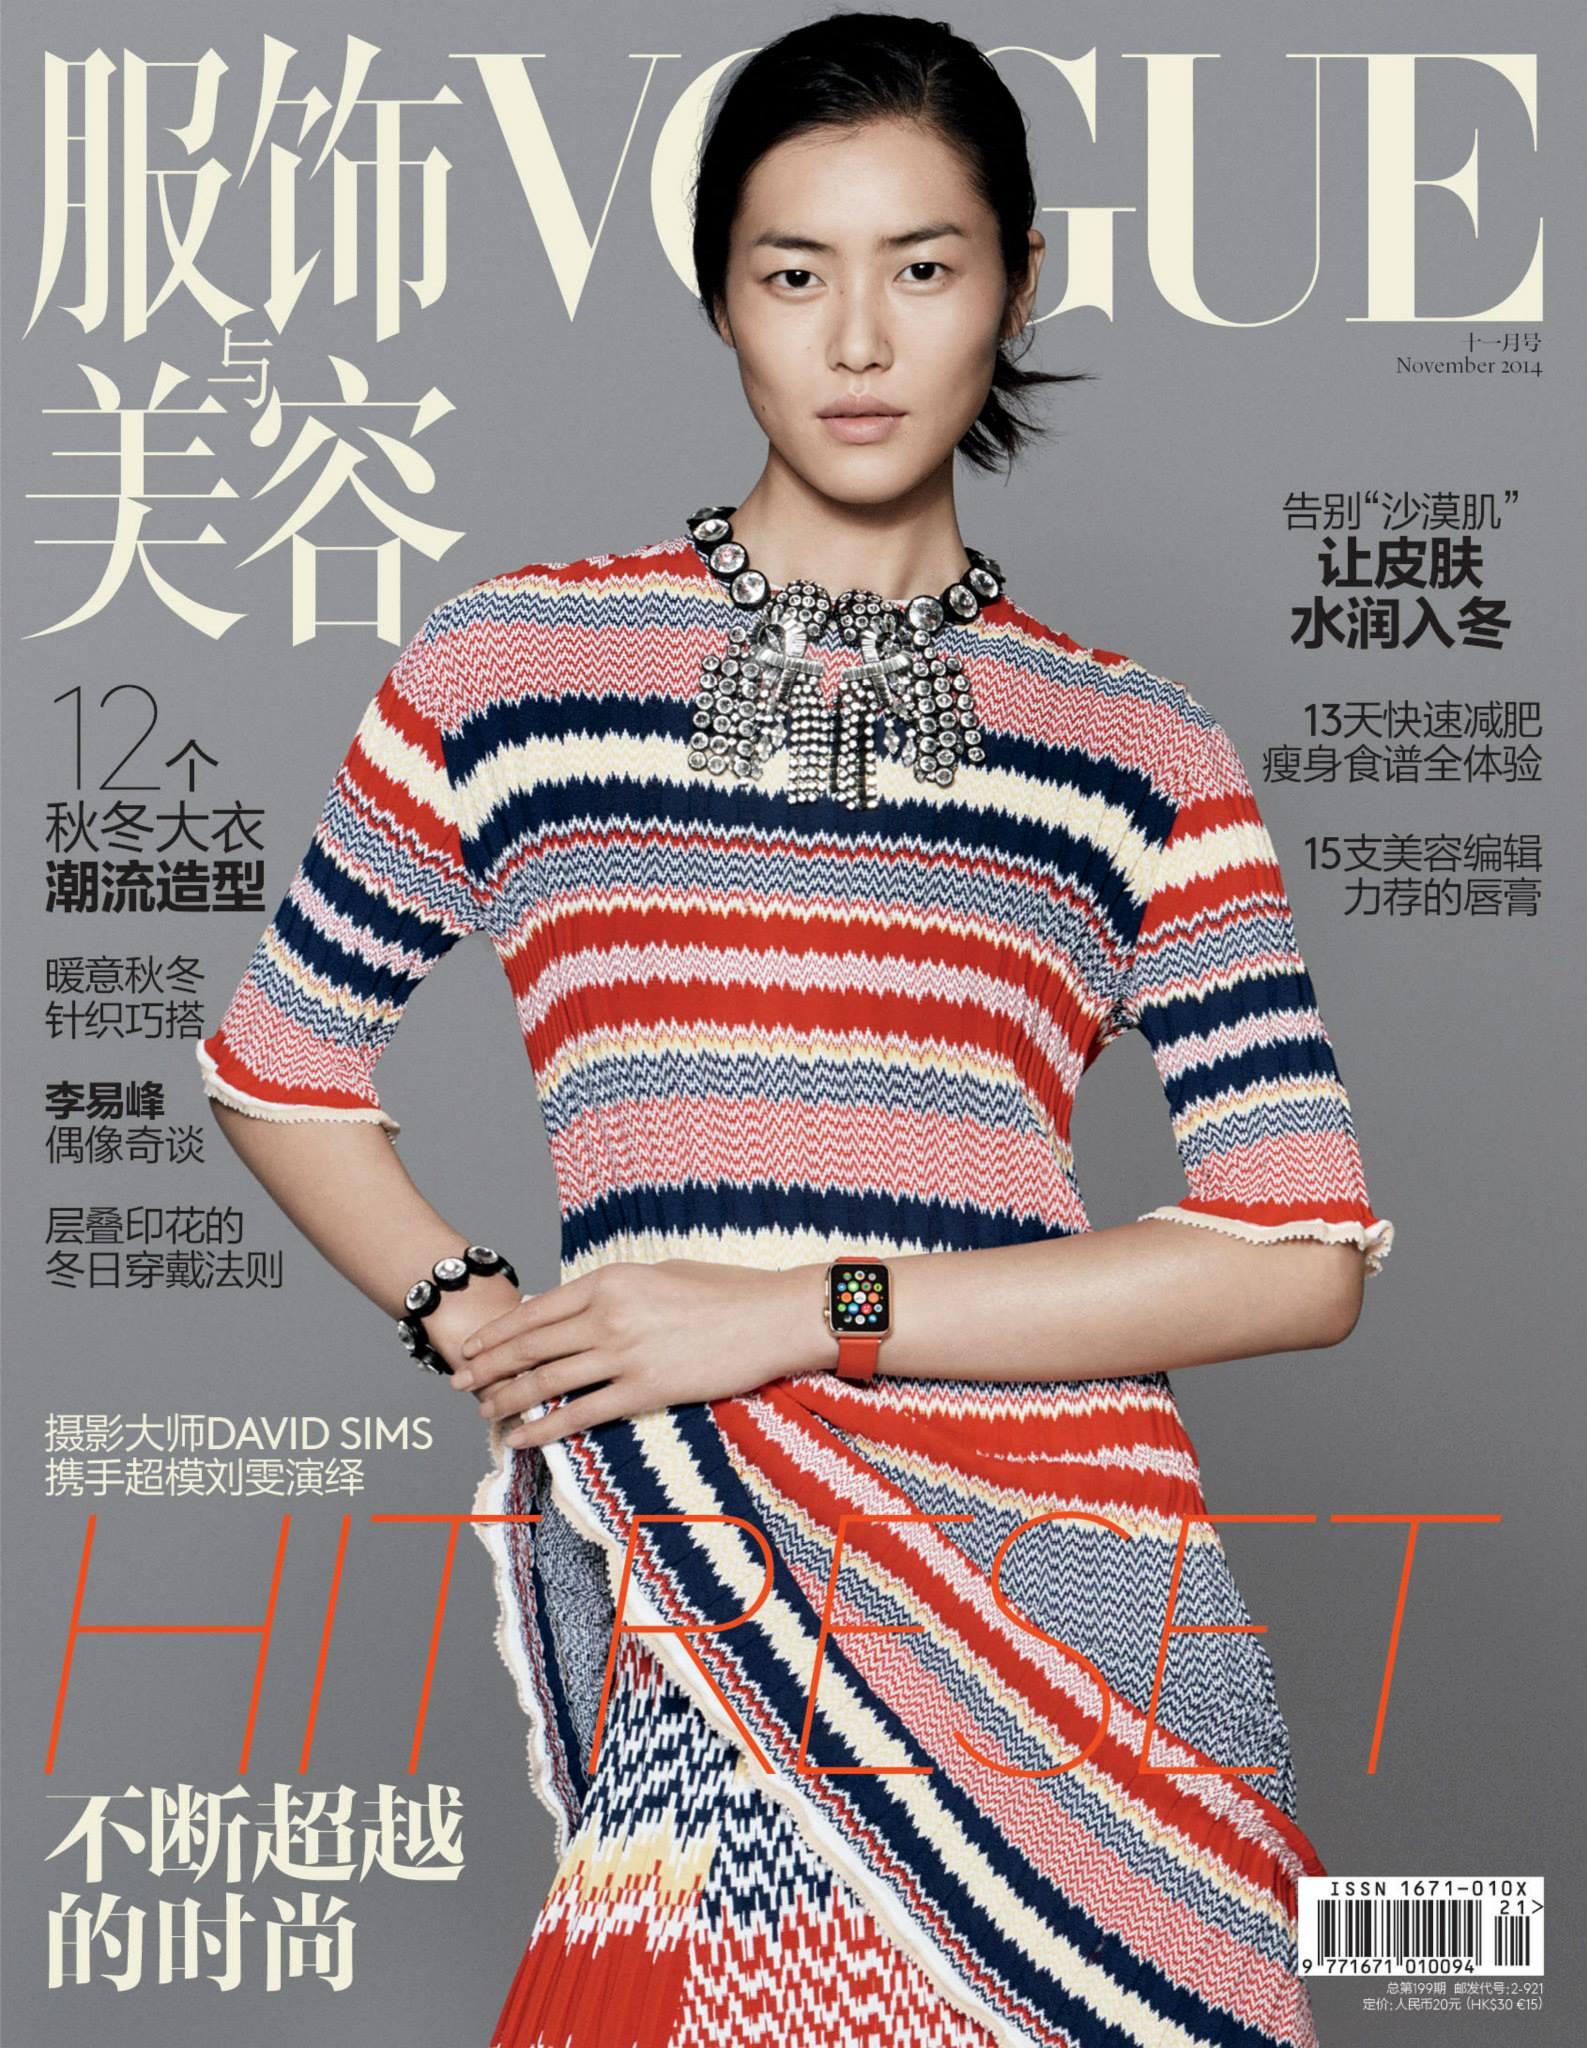 Vogue-China-Cover-Novemeber-2014